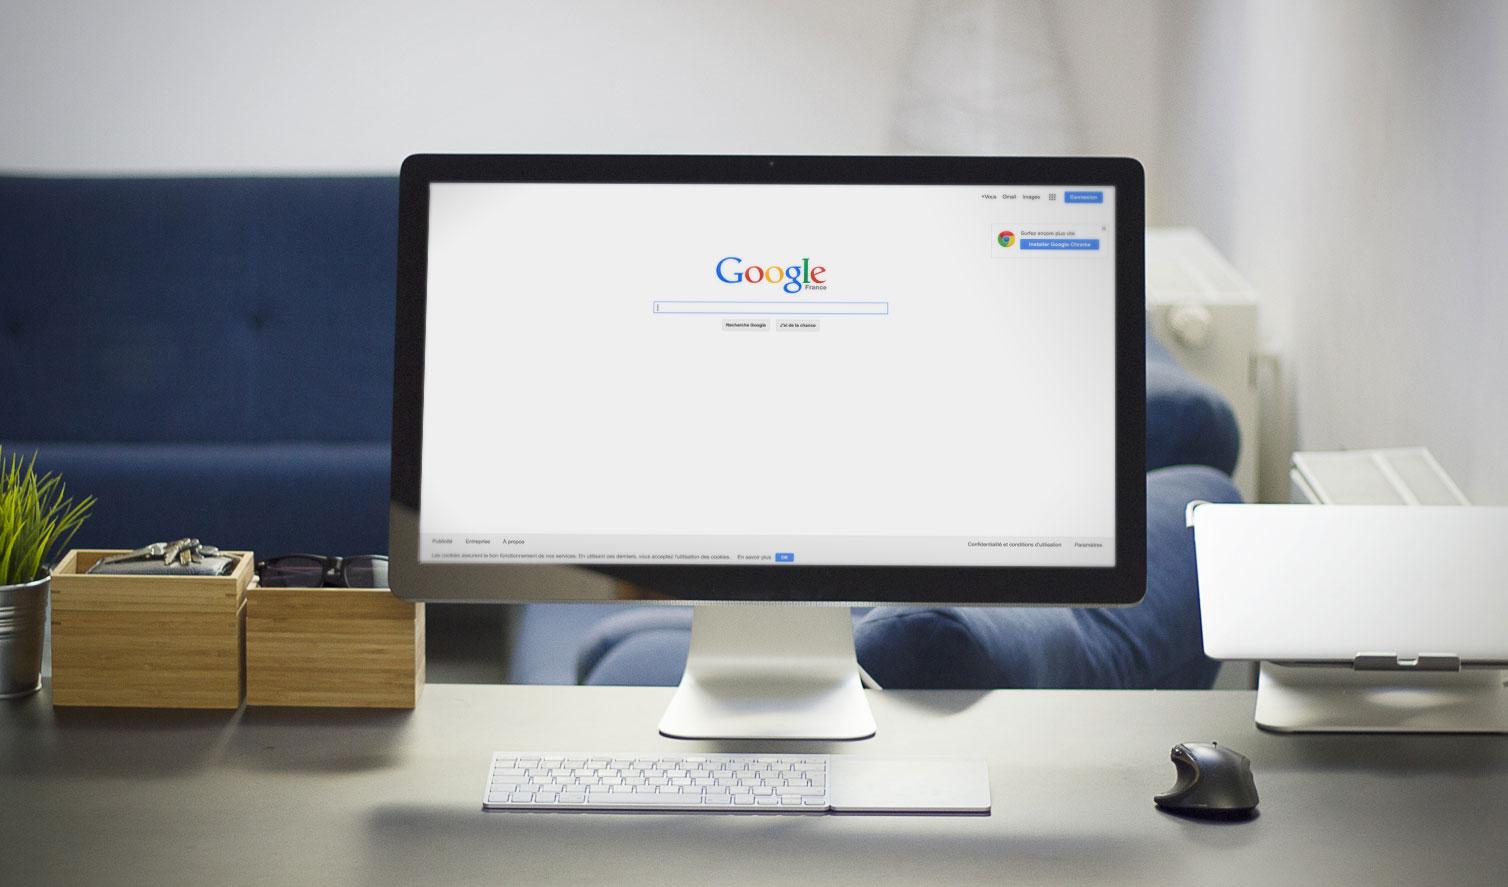 Ces entreprise qui boost votre r f rencement for Idee entreprise internet